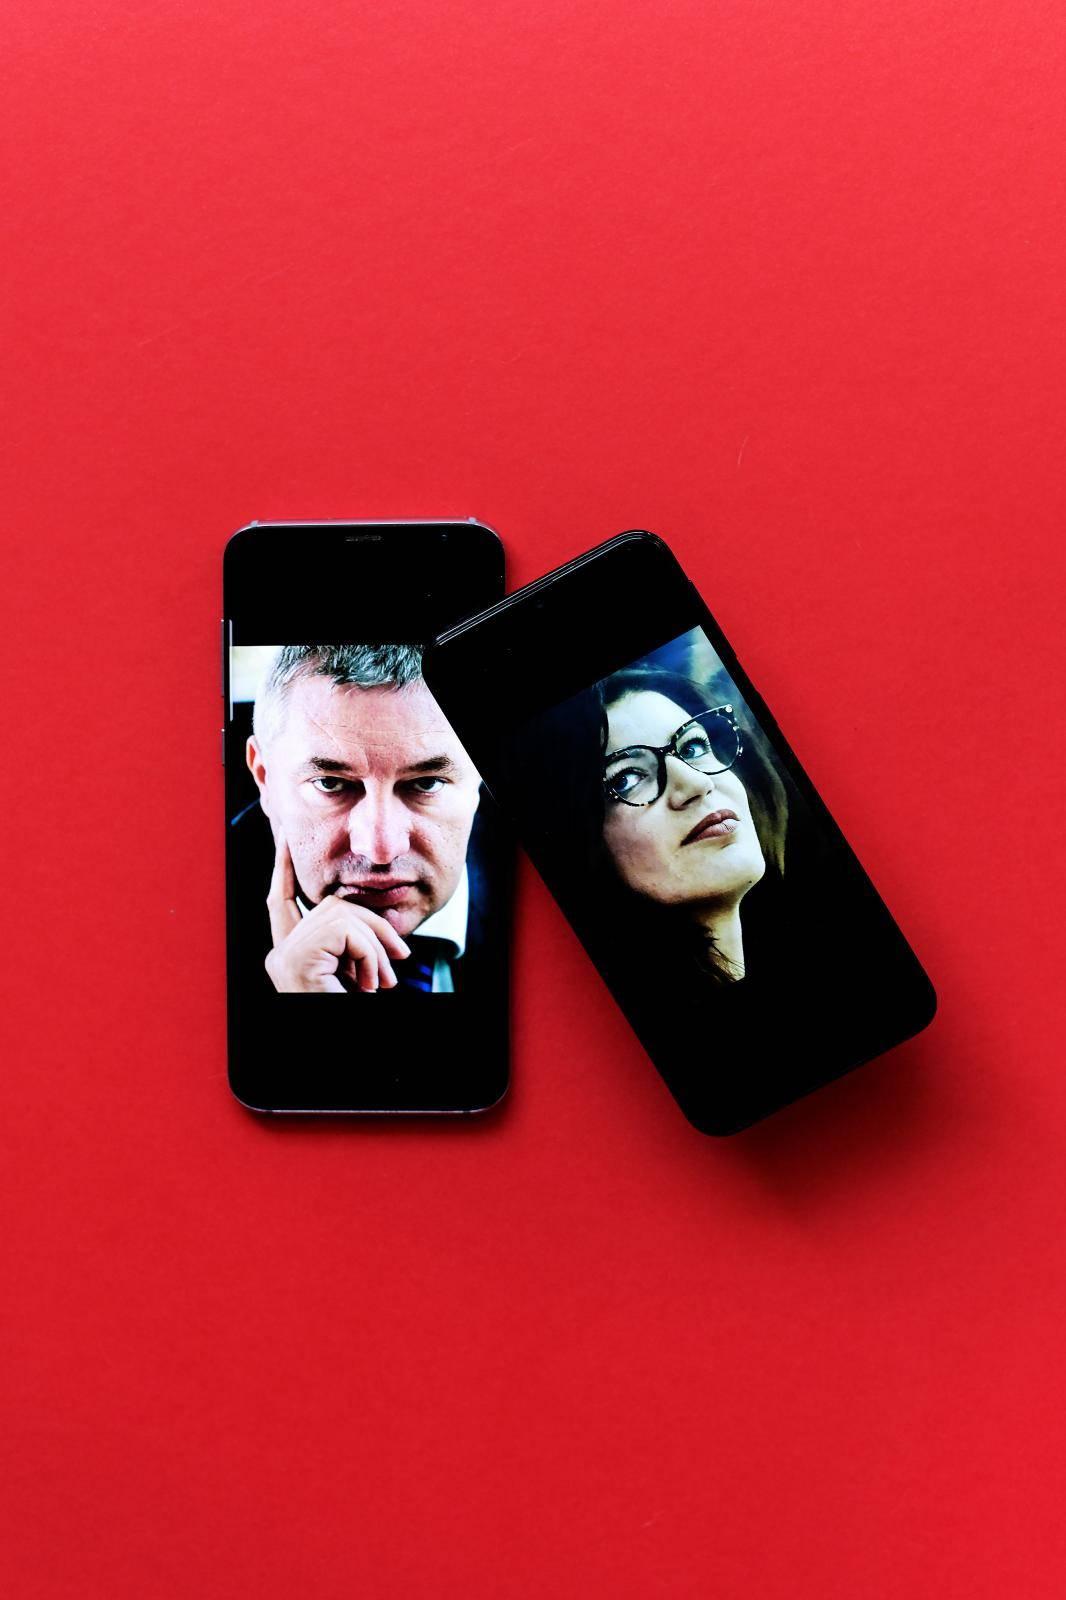 Rimac je 5 godina čuvala stare mobitele i poruke. Sad ih ima 260 tisuća. Na radost Uskoka